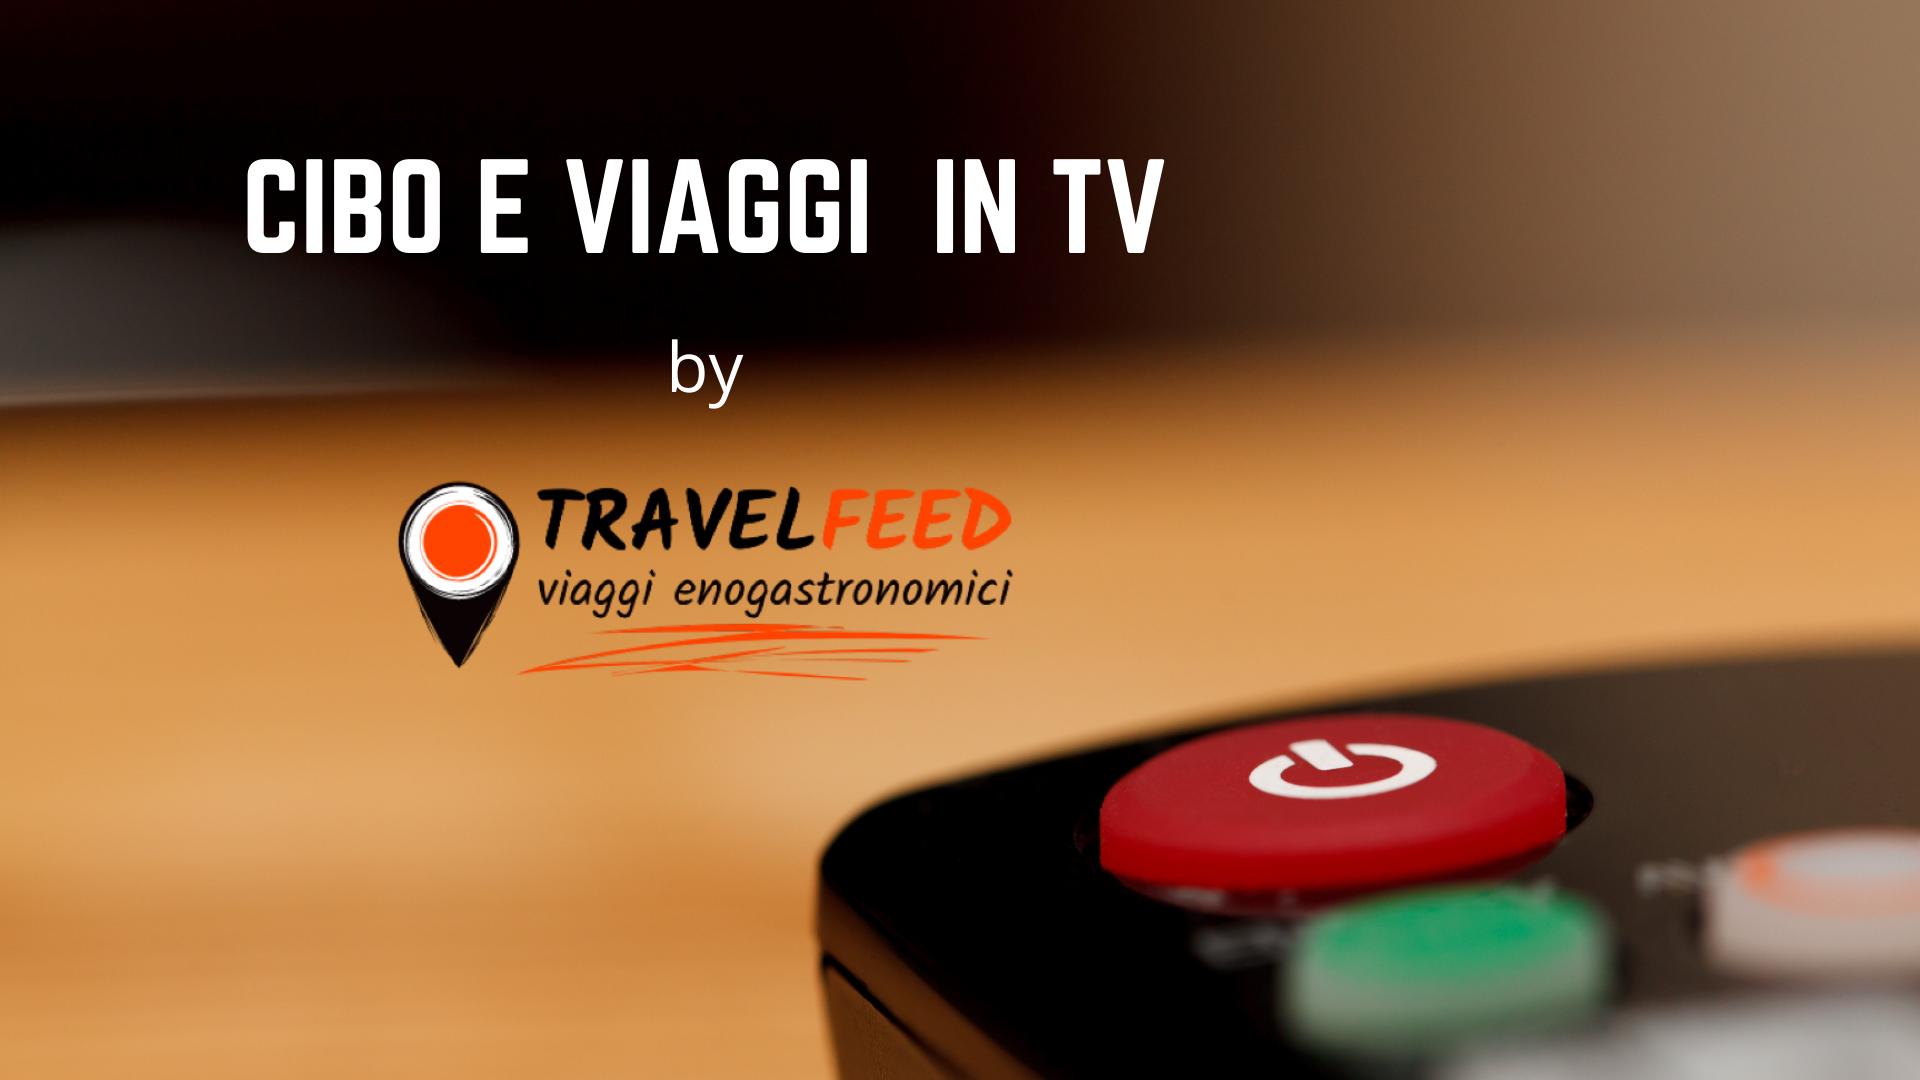 Viaggi e cibo in tv: settimana dal 12 al 18 dicembre 2020